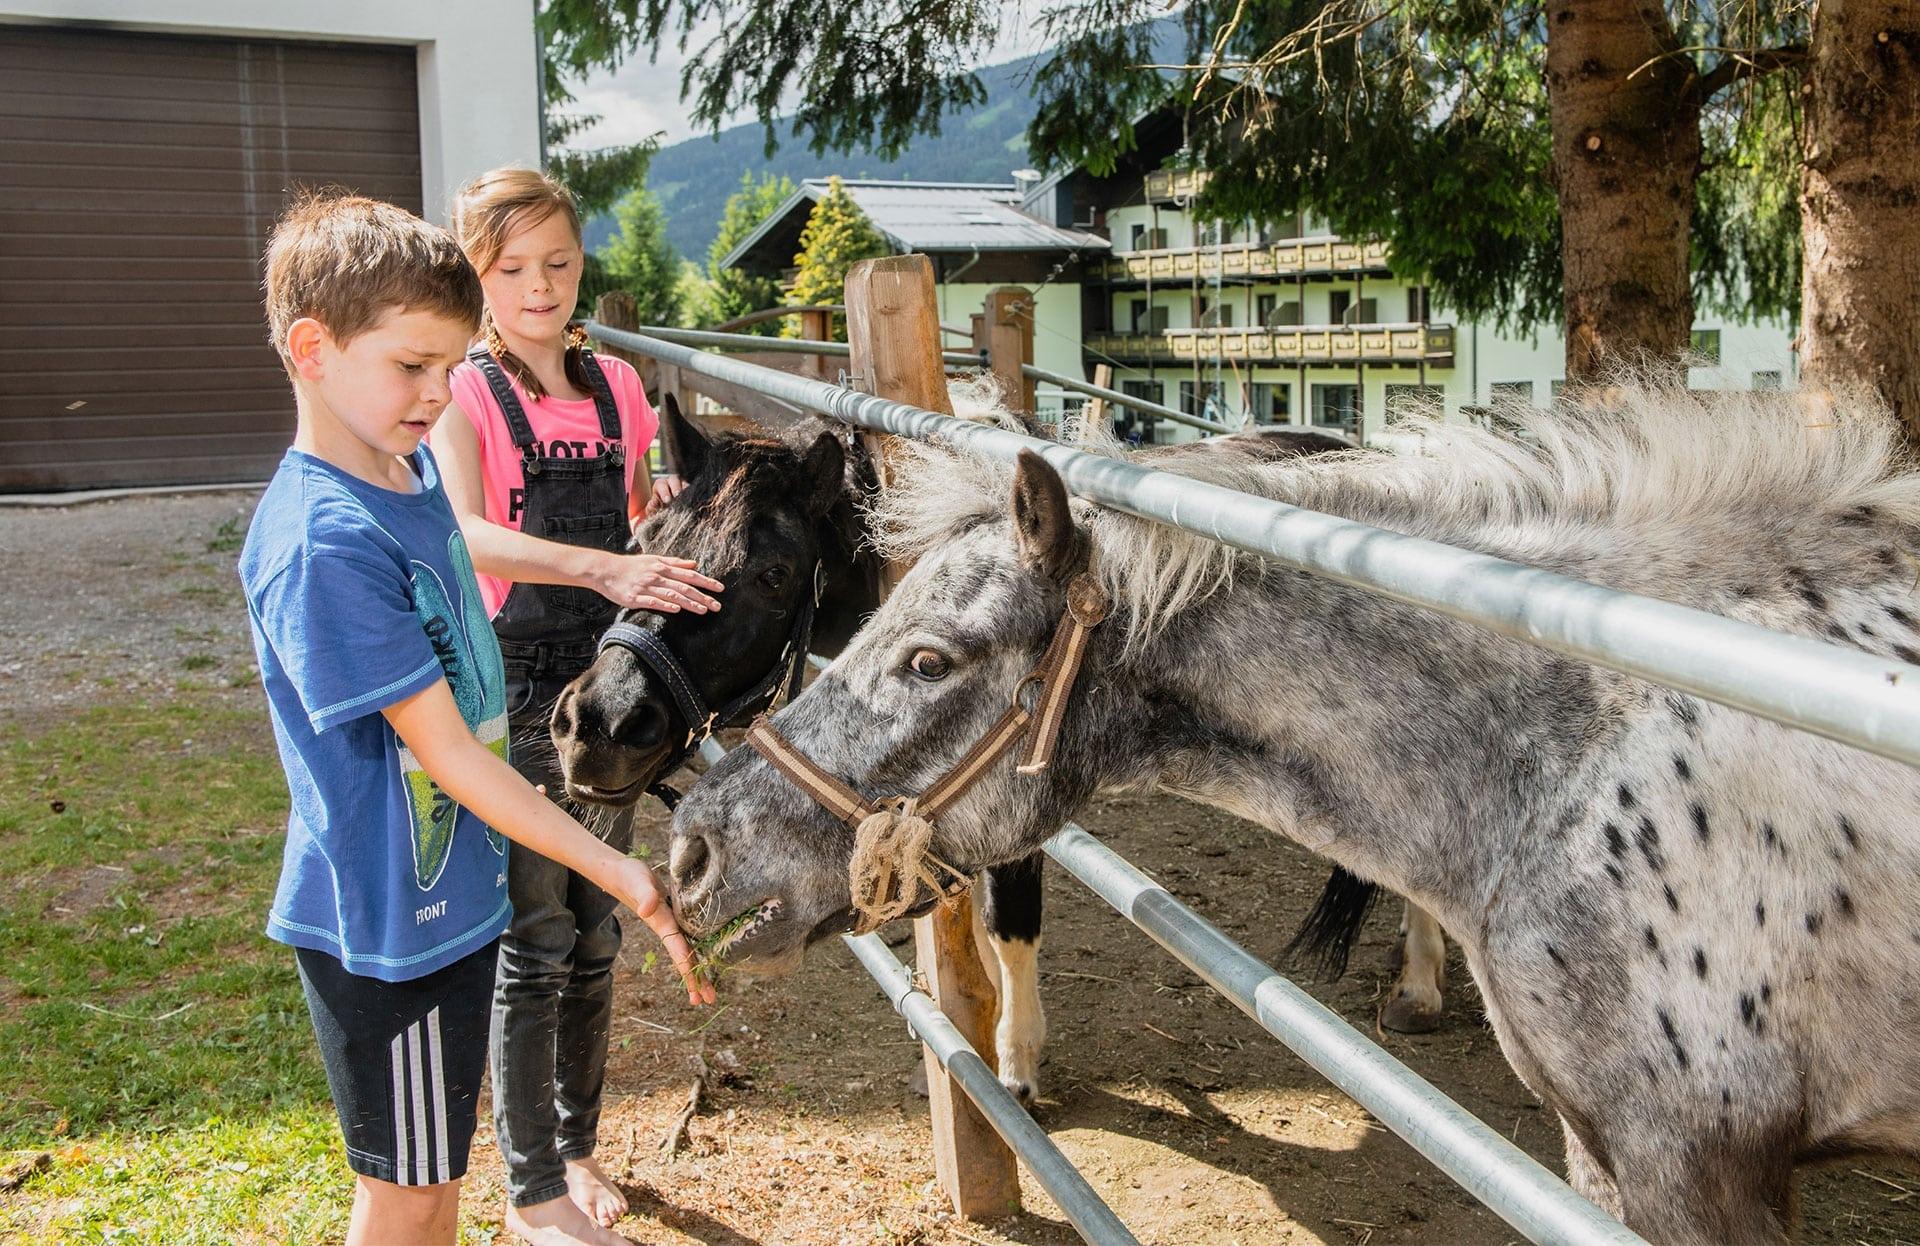 Bauernhofurlaub in Radstadt, Salzburger Land